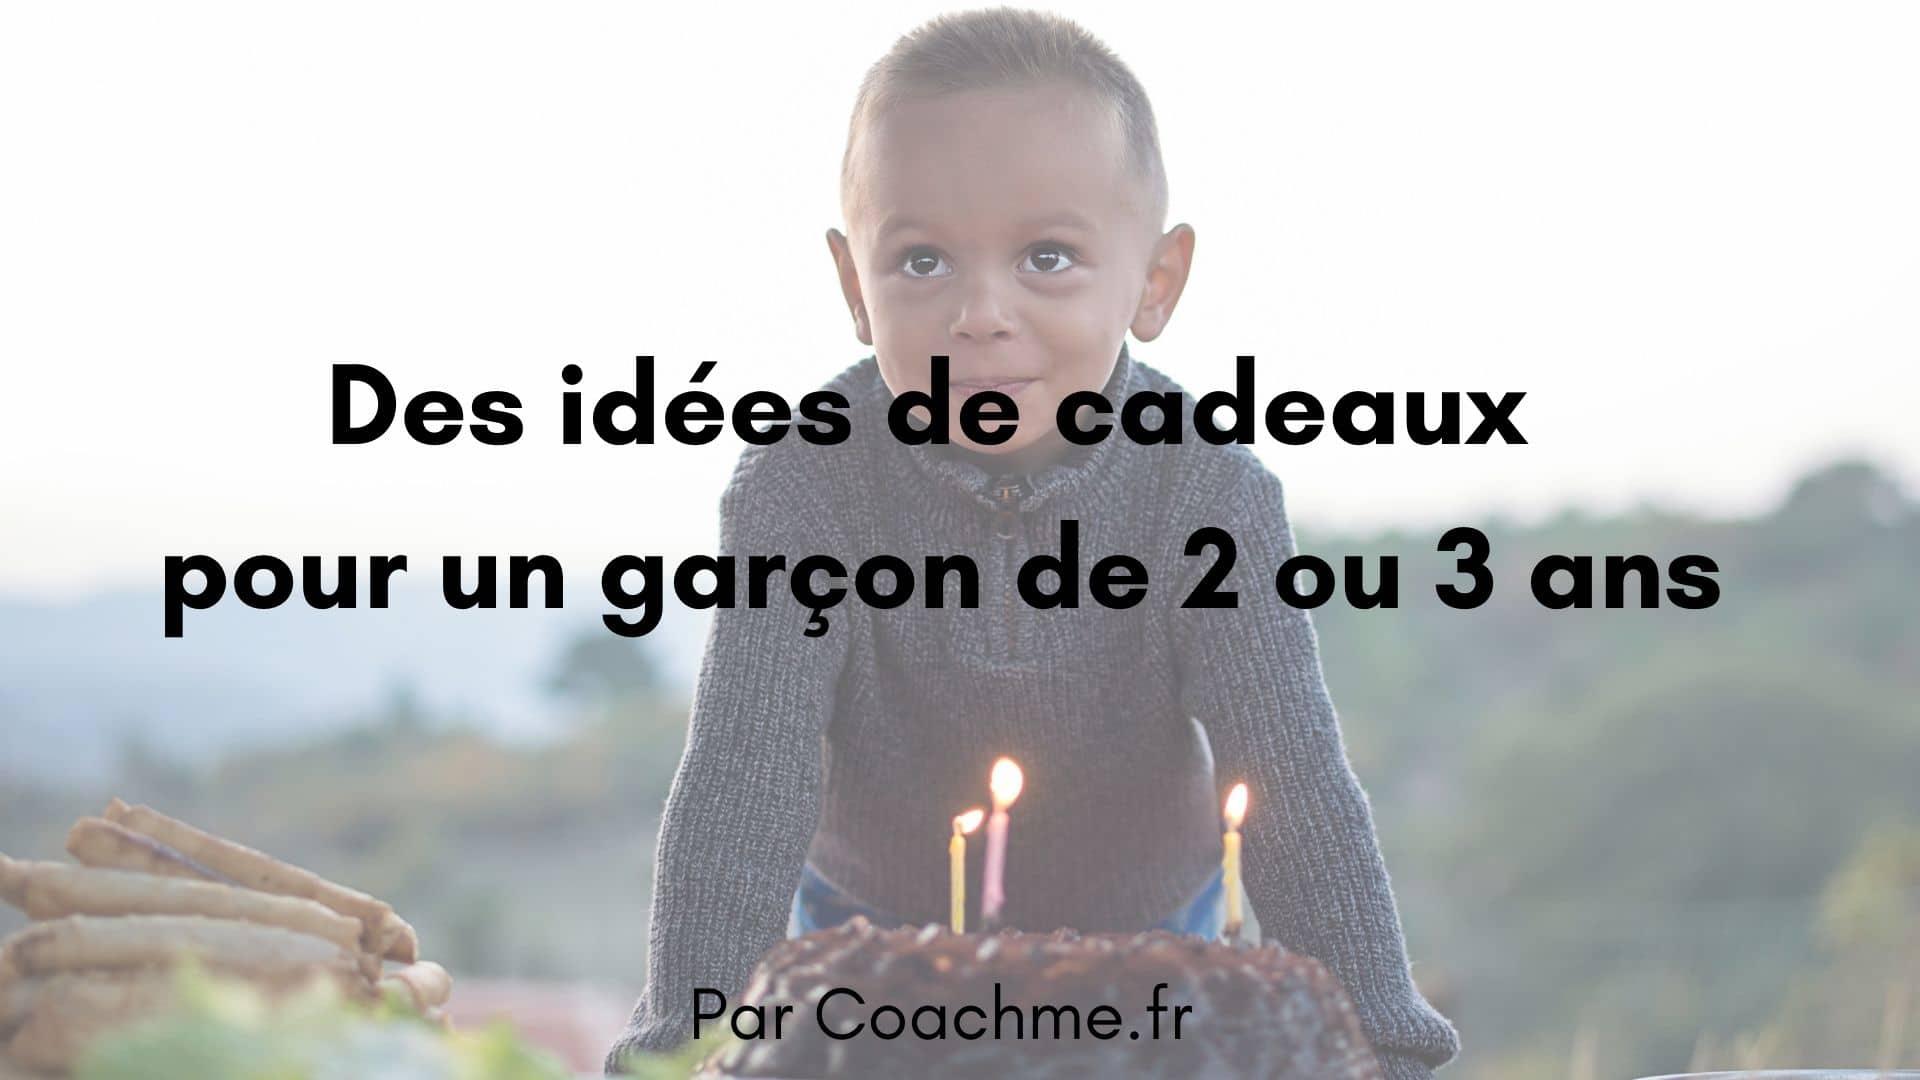 idées de cadeaux garçon de 2 ou 3 ans